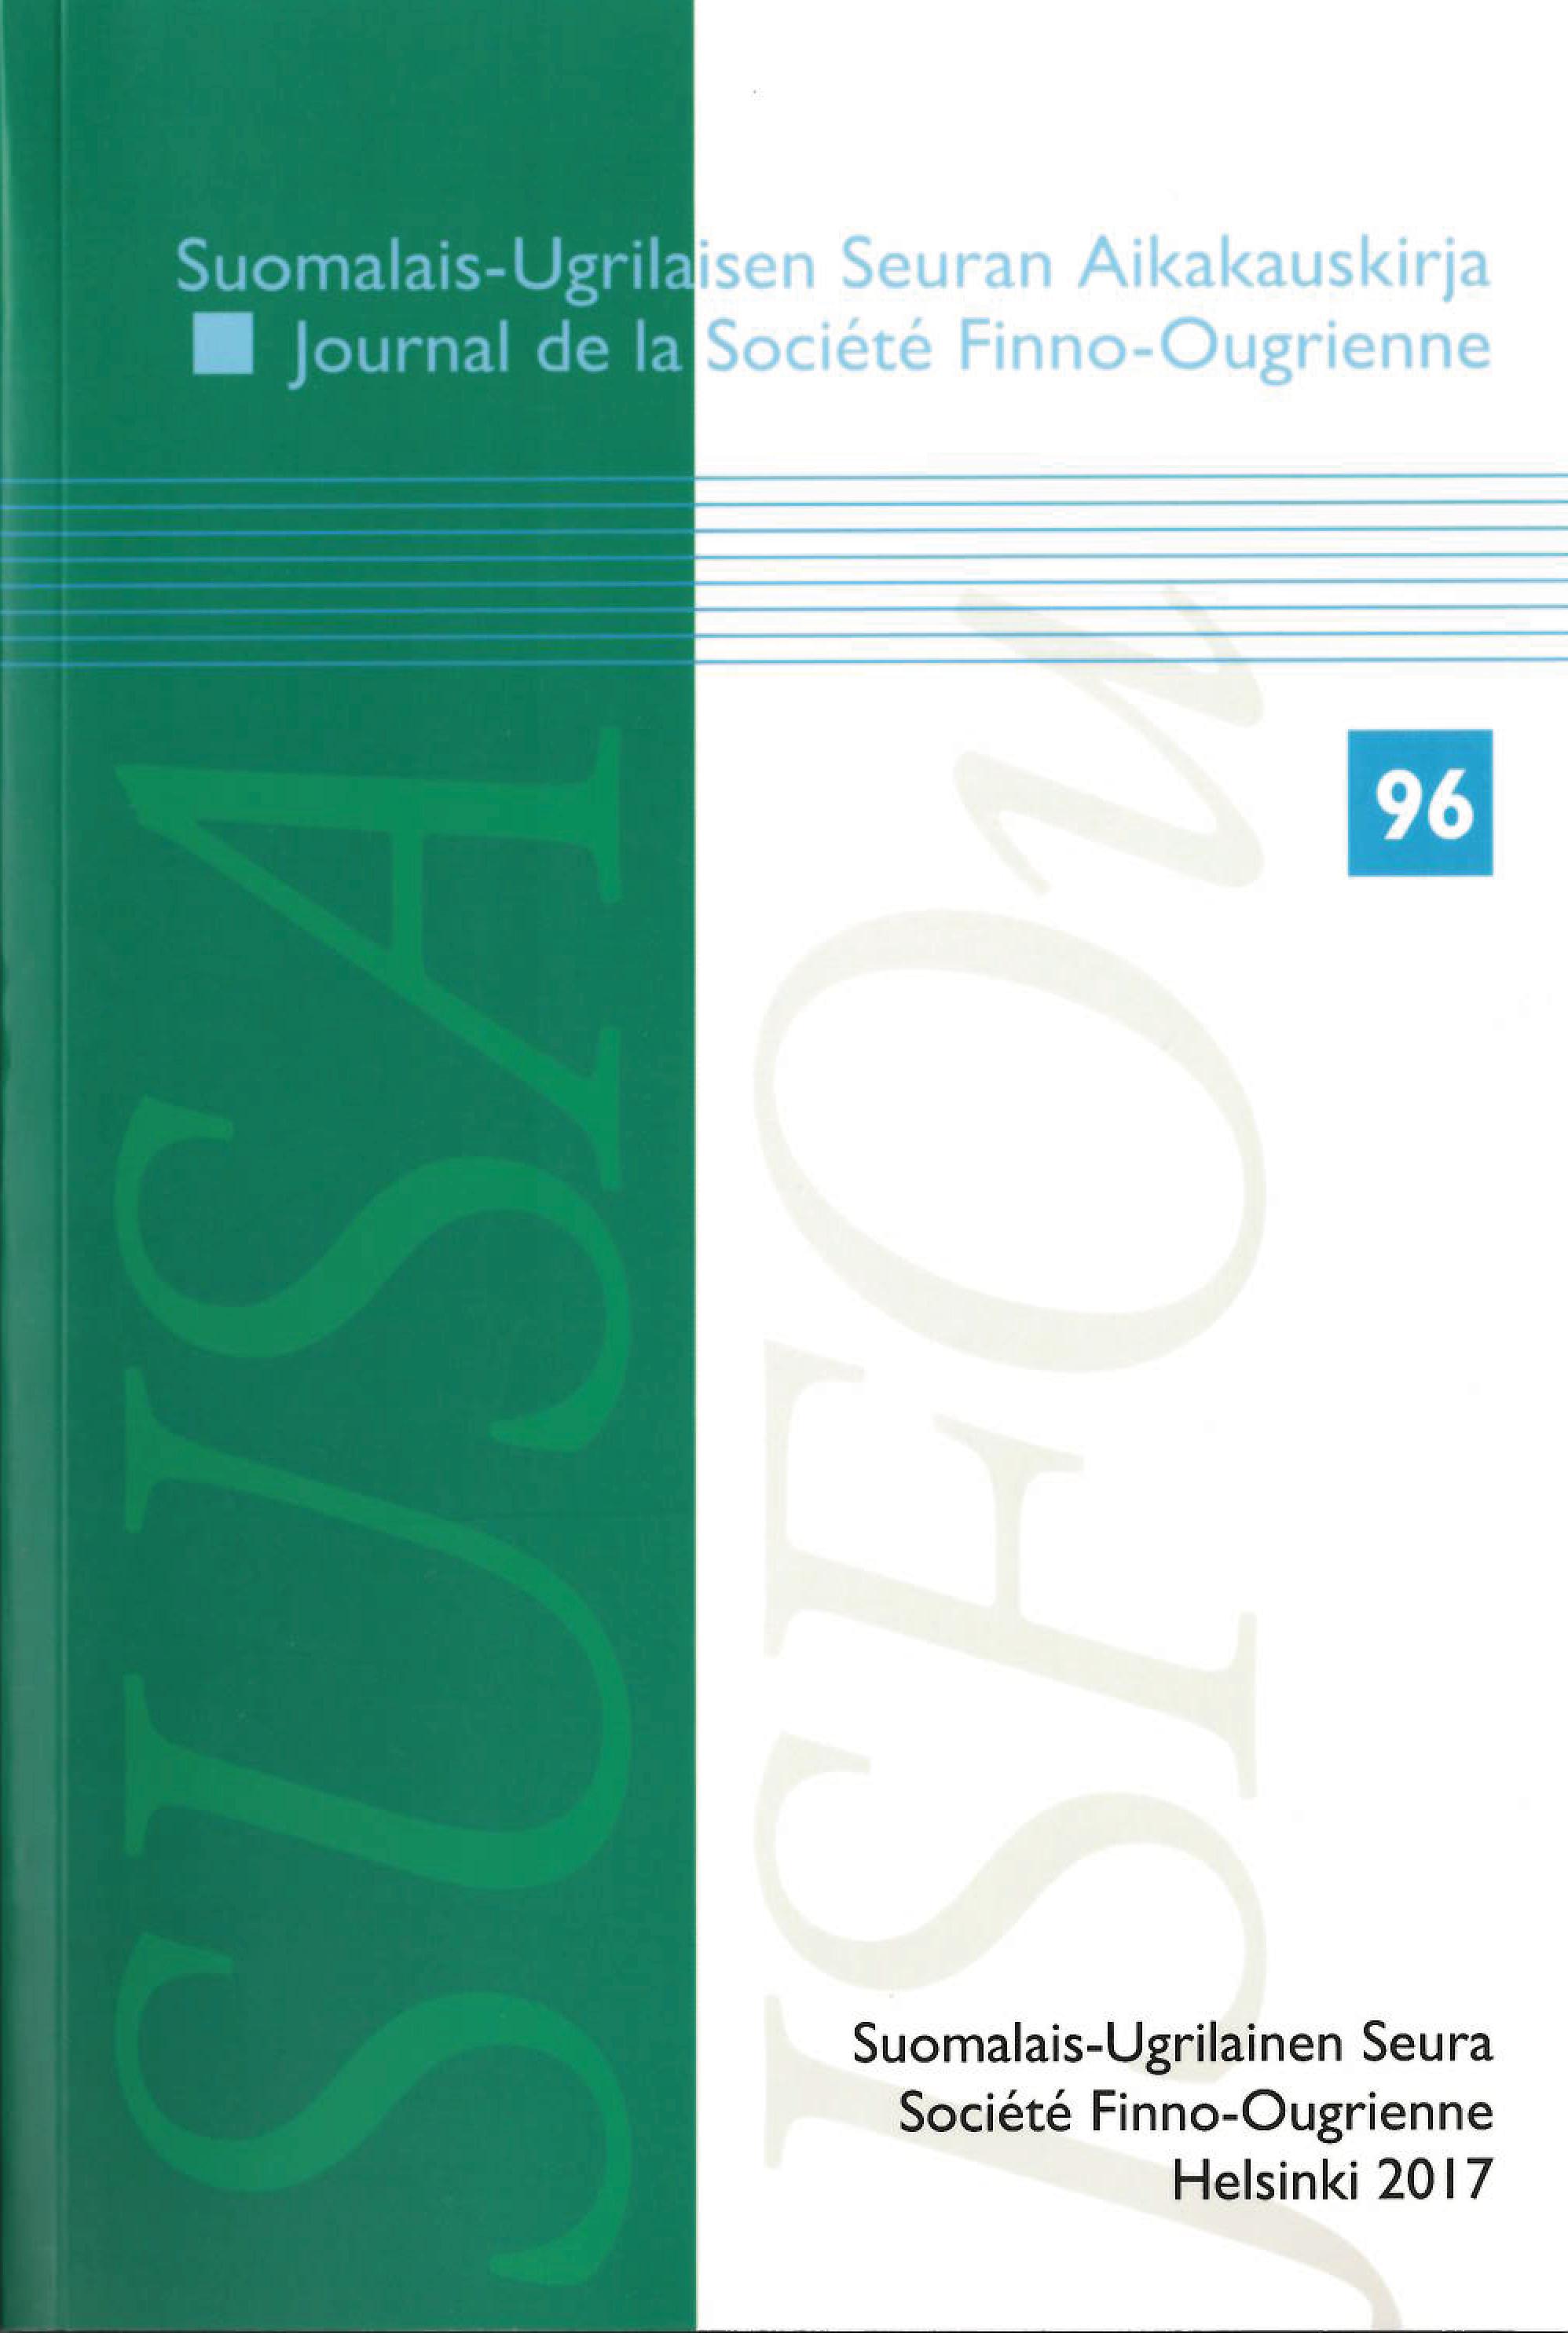 Suomalais-Ugrilaisen Seuran Aikakauskirja 96 Journal de la Société Finno-Ougrienne 96